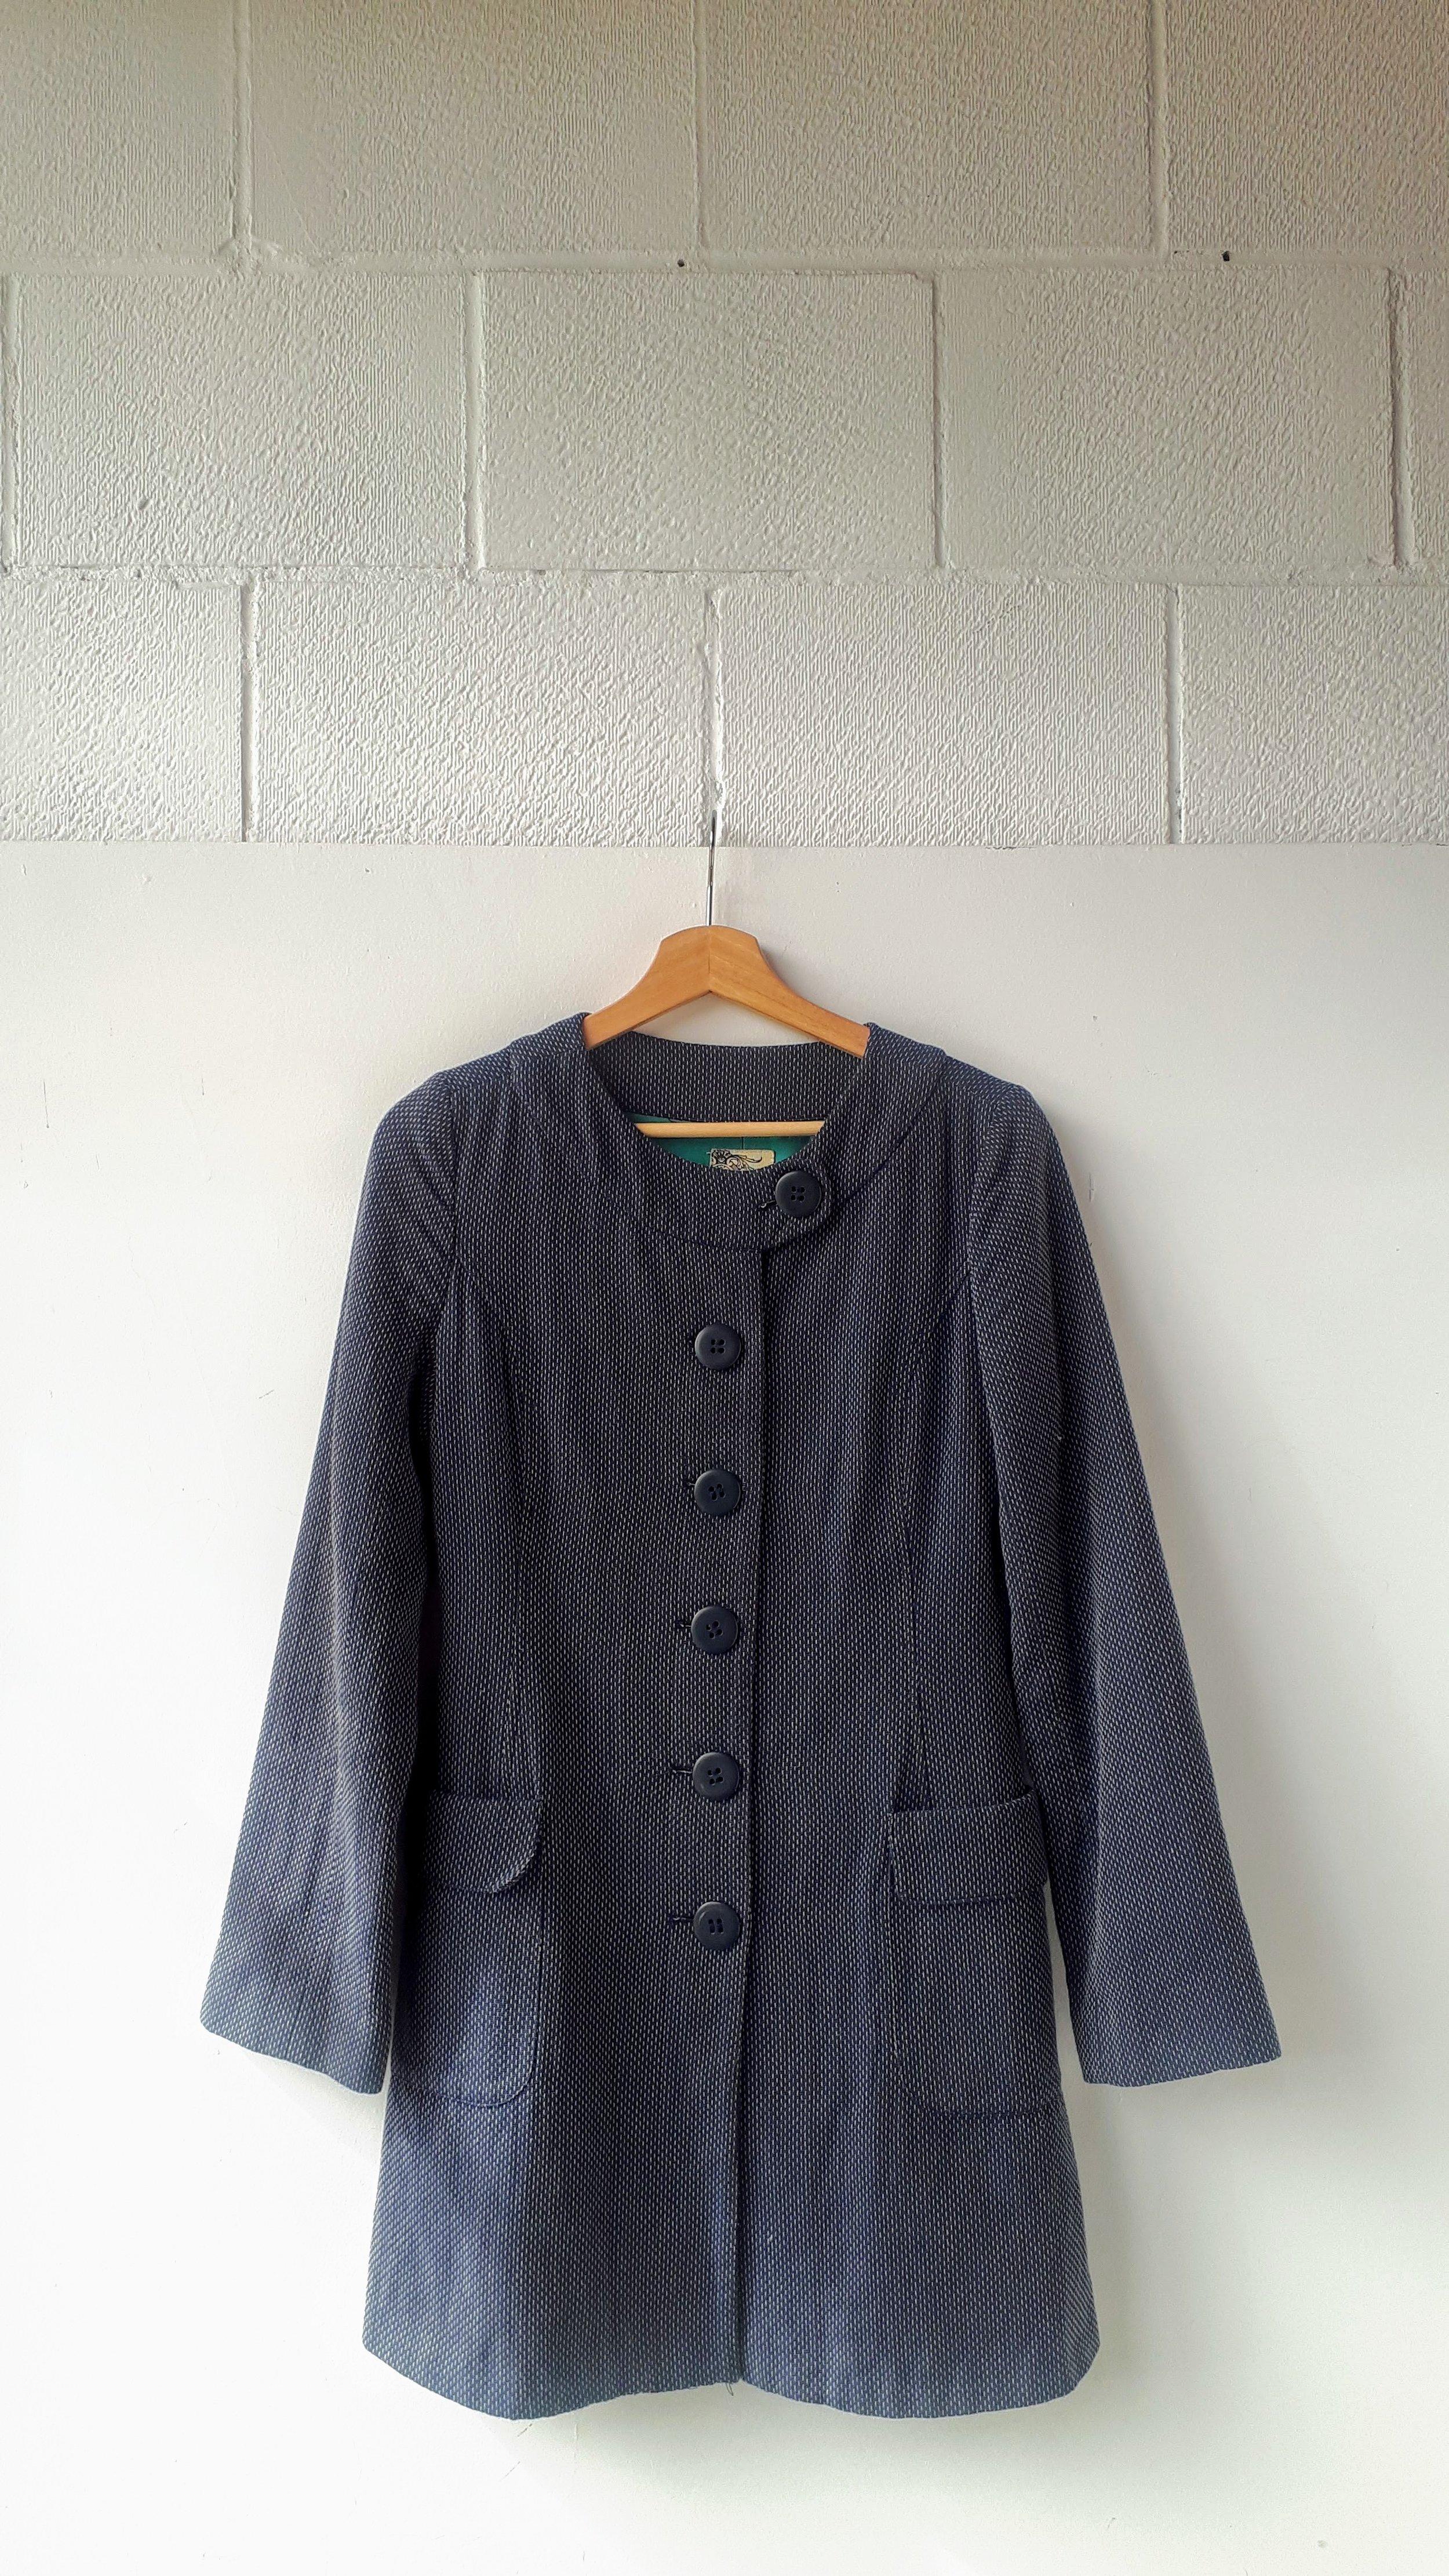 Tulle coat; Size M (not medium!), $48